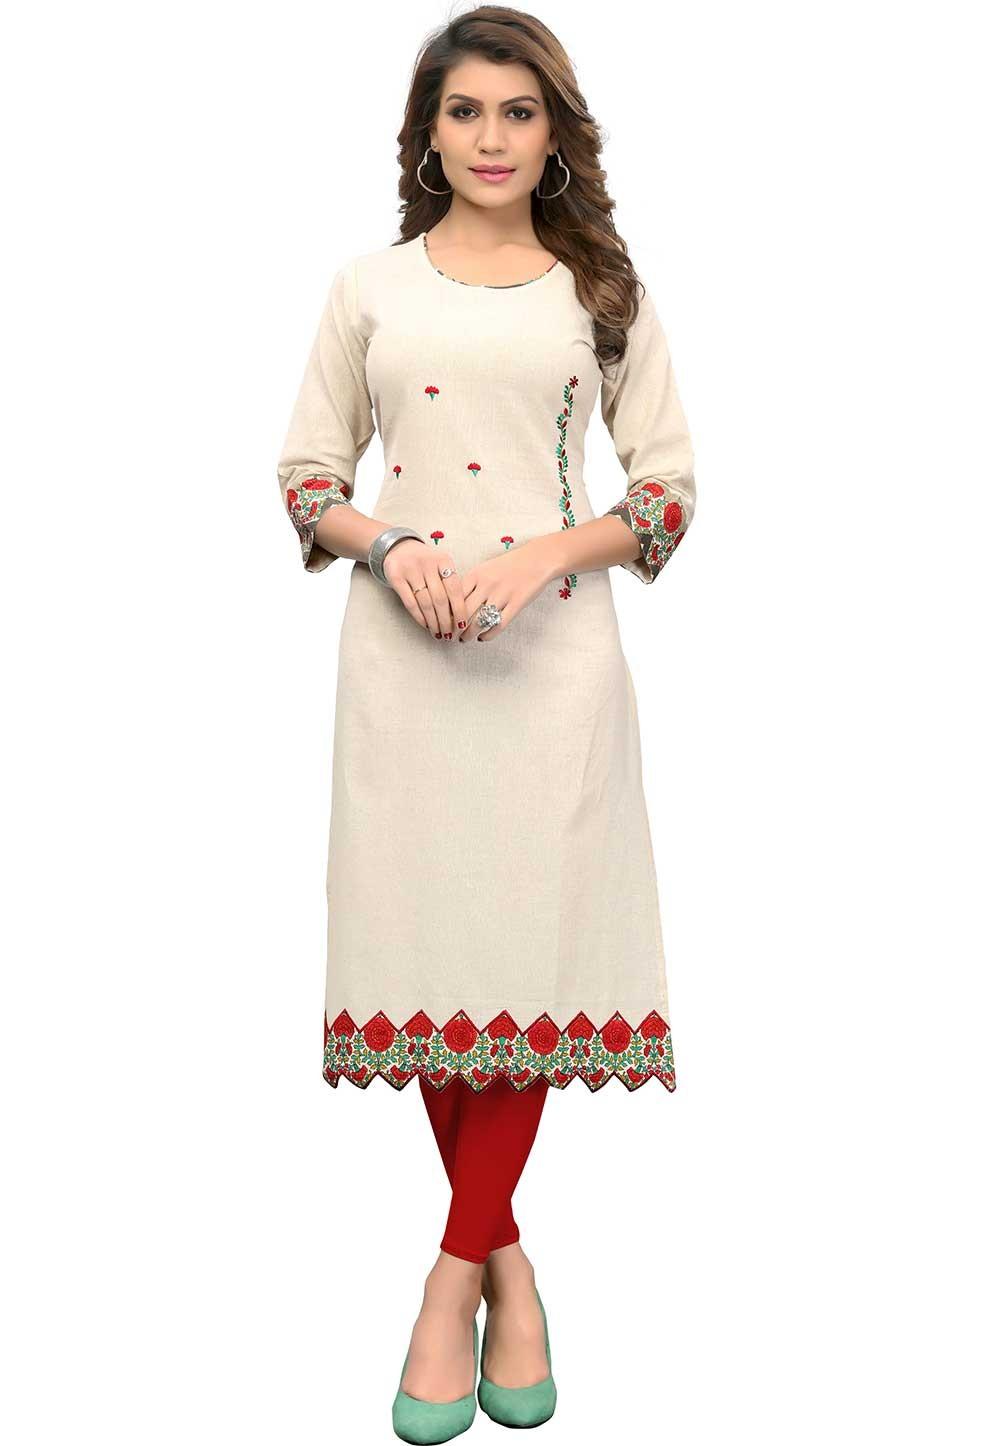 Buy Off White Colour Indian kurtis